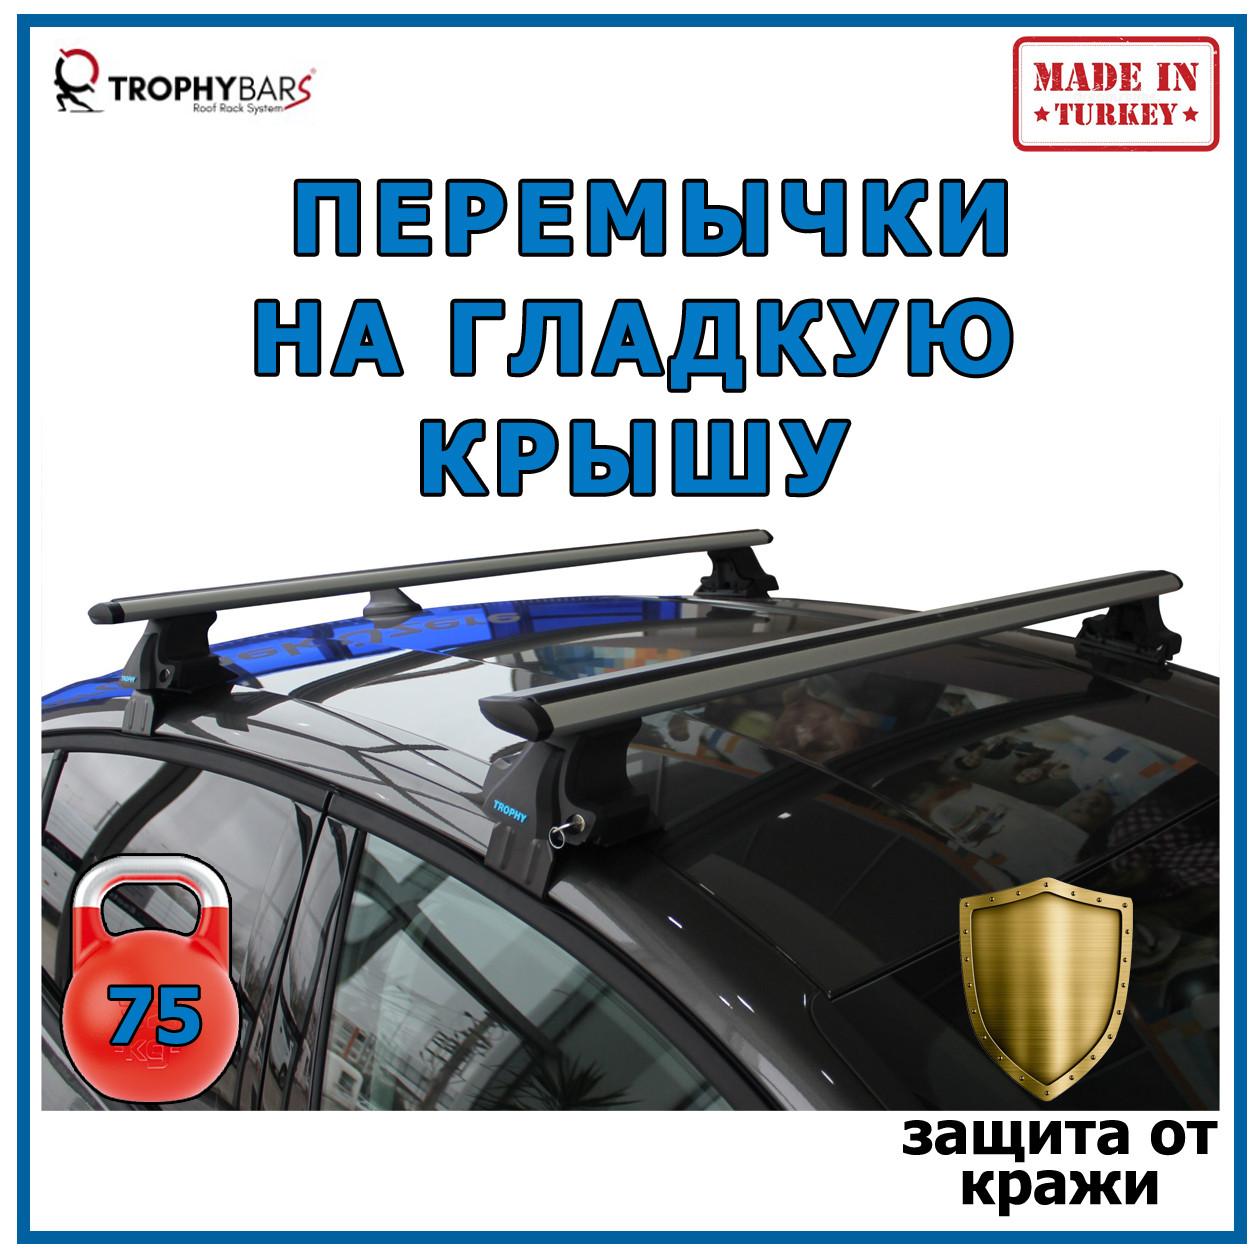 Багажник Kia Optima 2010-2016 на гладкую крышу